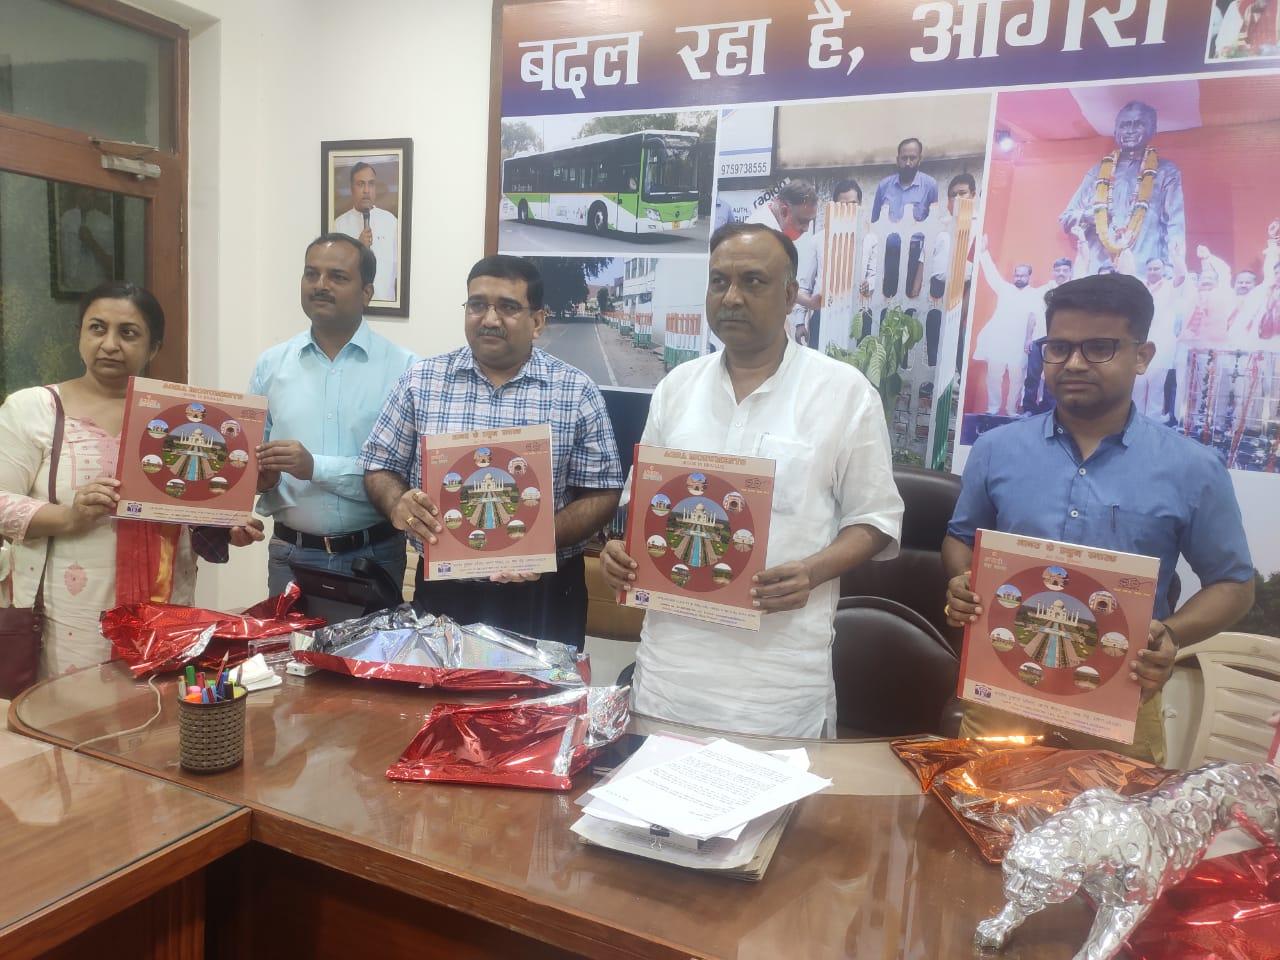 ताजमहल समेत आगरा के 15 स्मारकों का इतिहास ब्रेल लिपि के माध्यम से जान सकेंगे, मेयर ने किया पुस्तक का विमोचन आगरा,Agra - Dainik Bhaskar